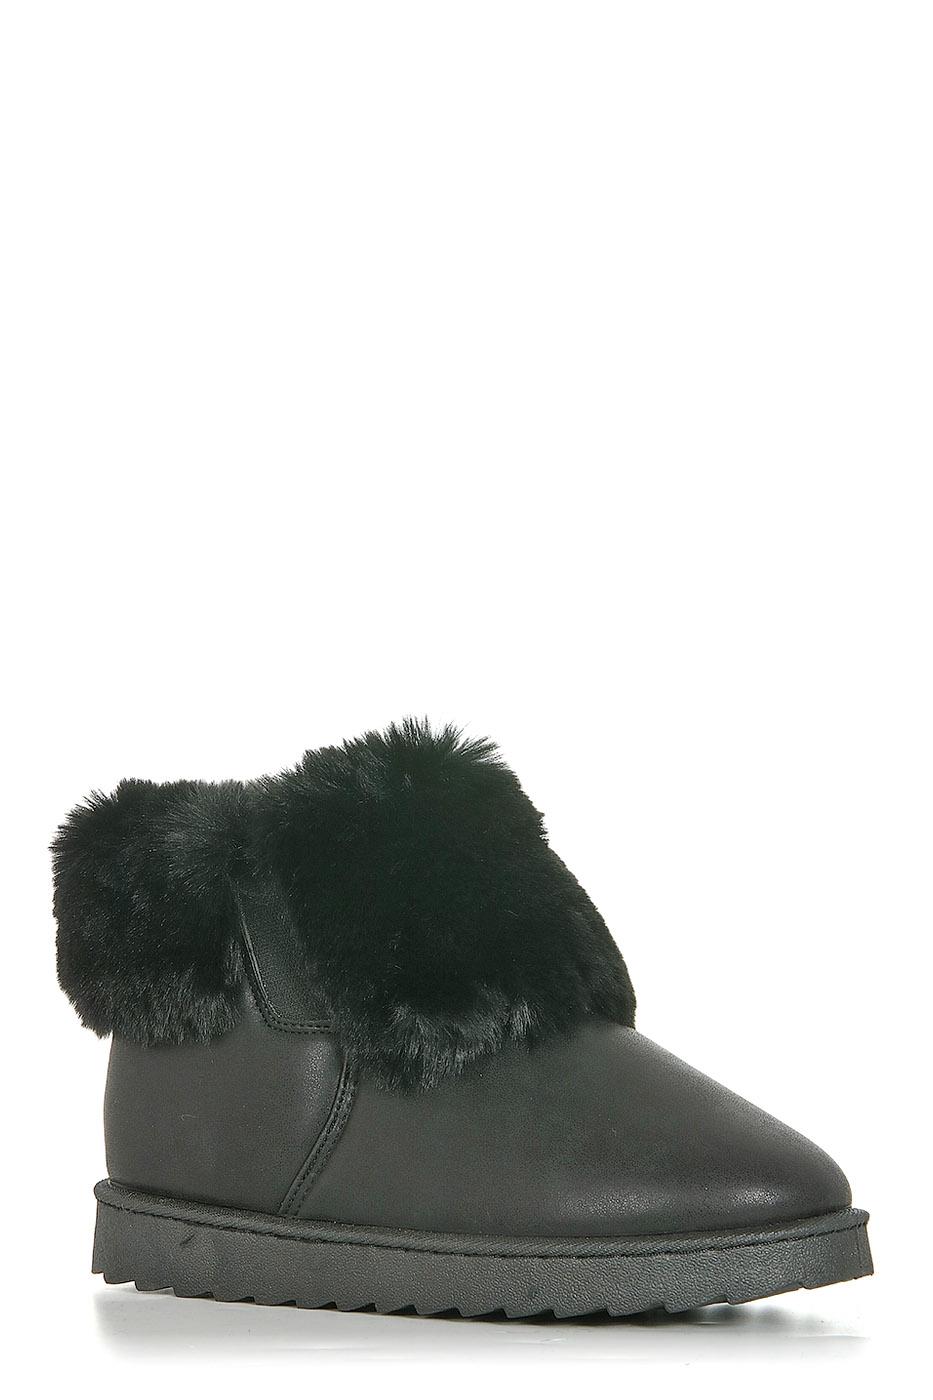 Ботинки TOPLAND2322-CM73596B/BLACK